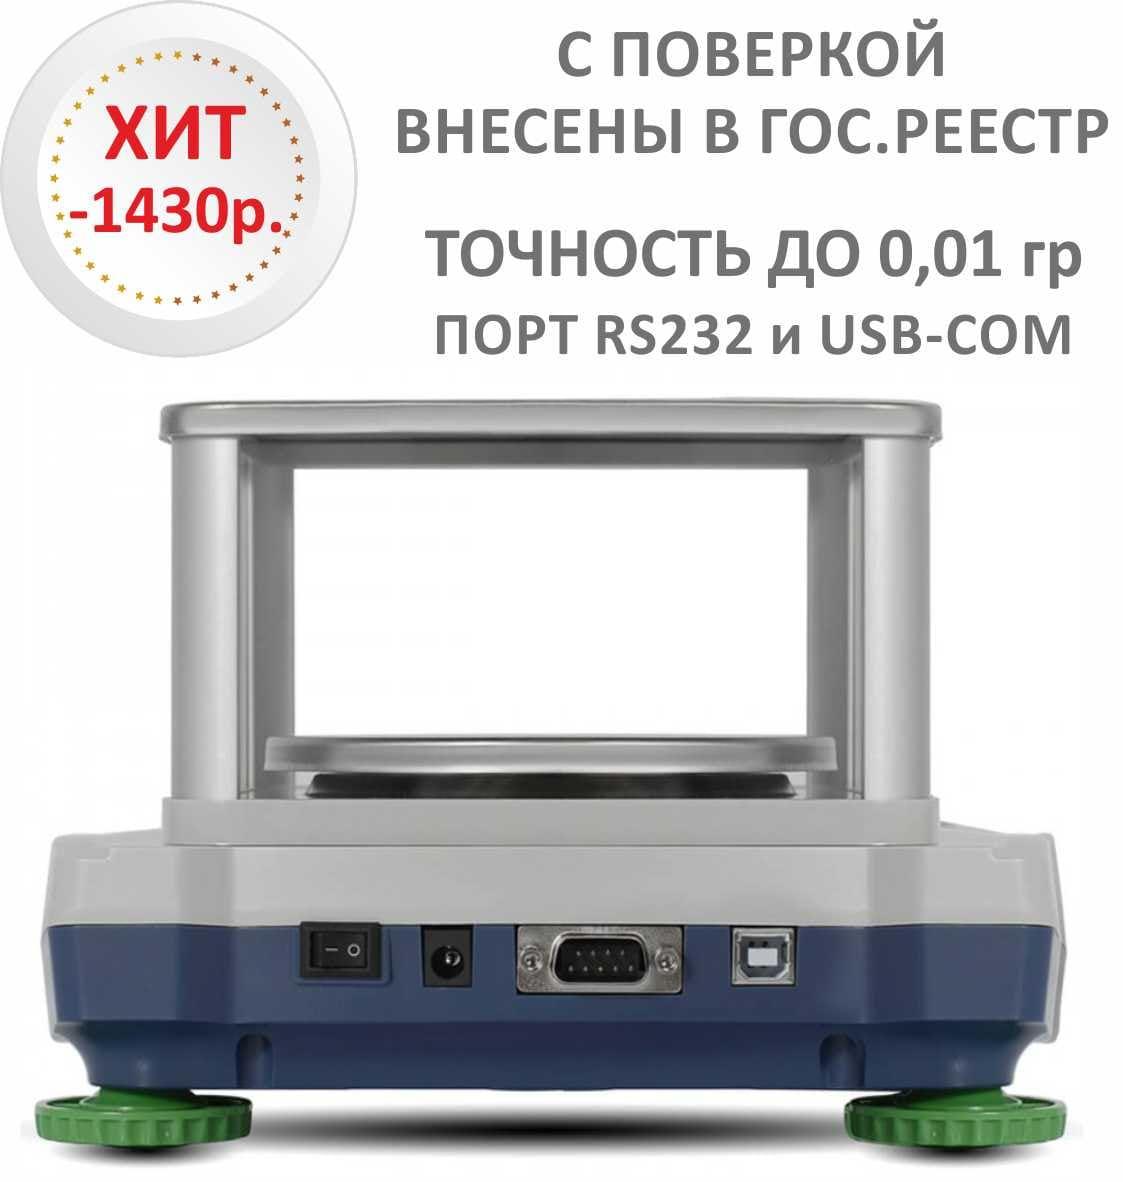 Весы лабораторные/аналитические M-ER 123 АCFJR-600.01 SENSOMATIC TFT RS232 и USB - вид сзади